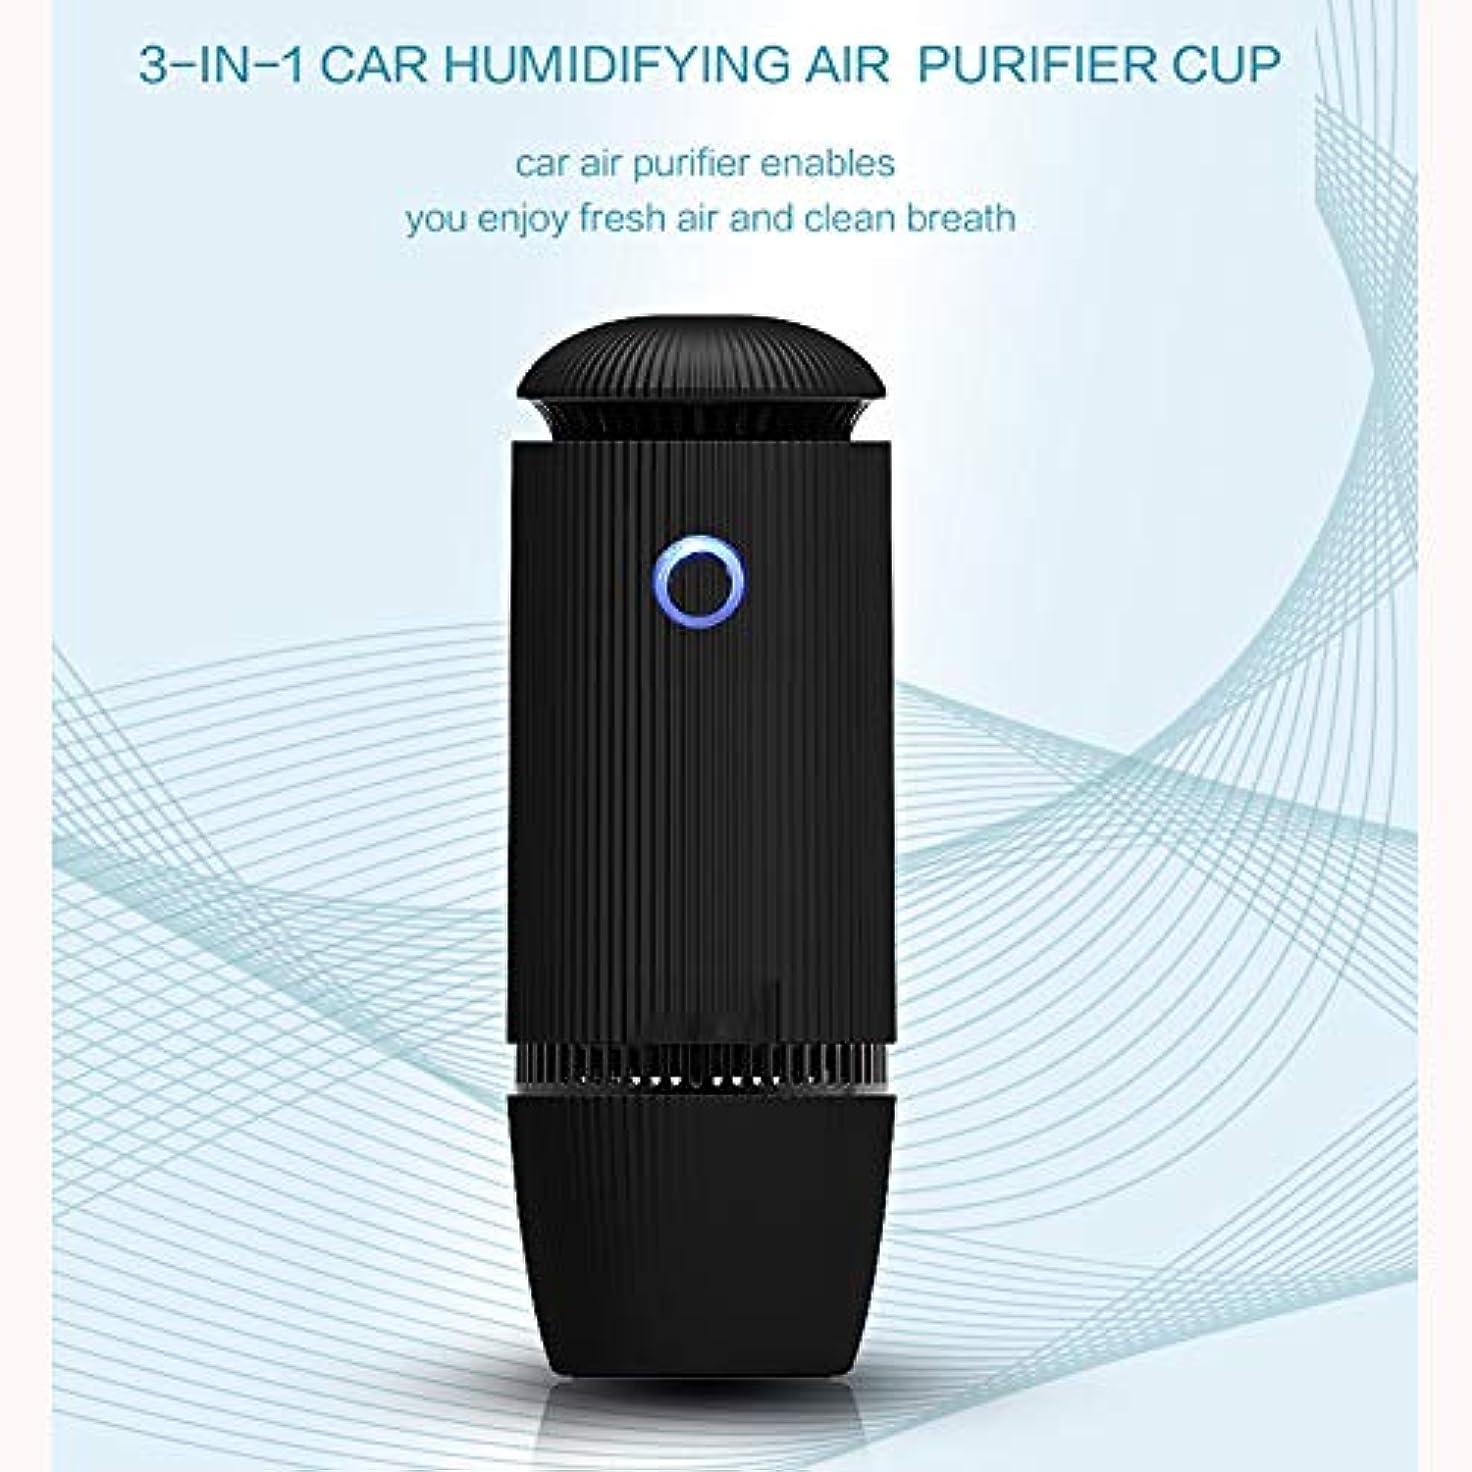 百万冷笑する時間とともに車のアロマセラピー機械清浄機、エッセンシャルオイルディフューザー多機能USBアロマ加湿器用車、家庭、仕事